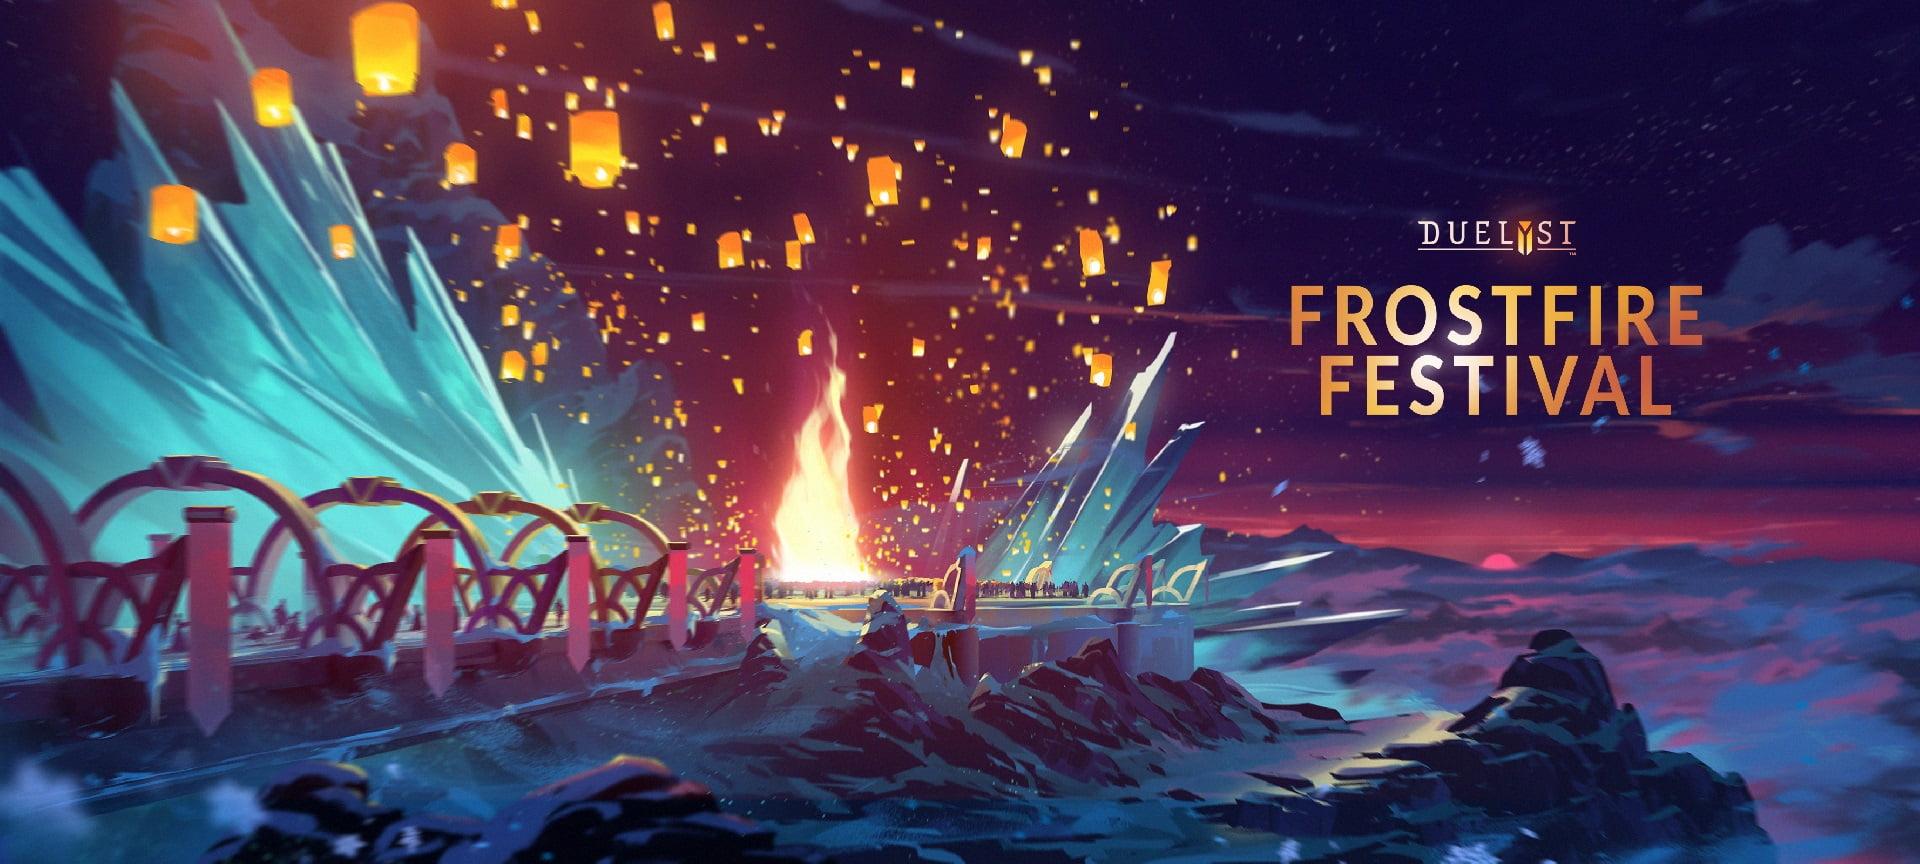 Duelyst - Frostfire